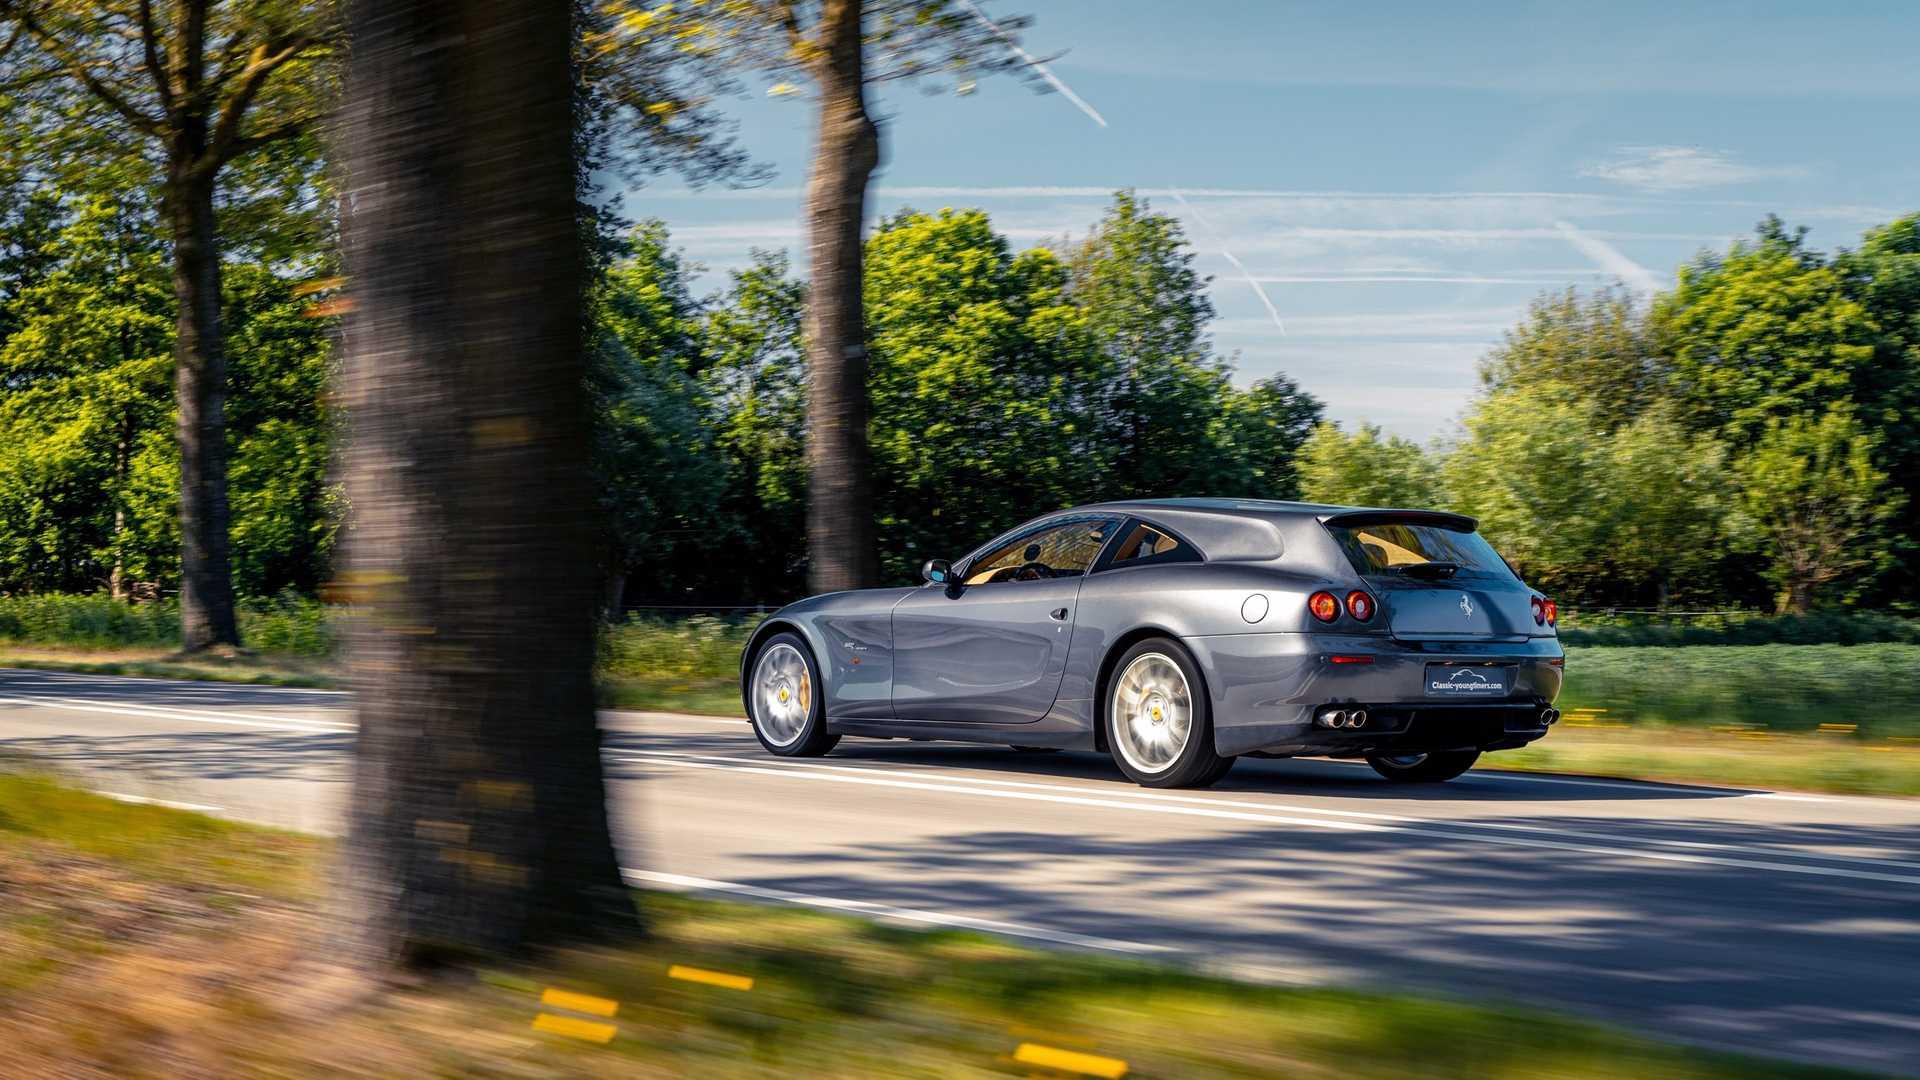 Ferrari-612-Scaglietti-Shooting-Brake-by-Vandenbrink-6